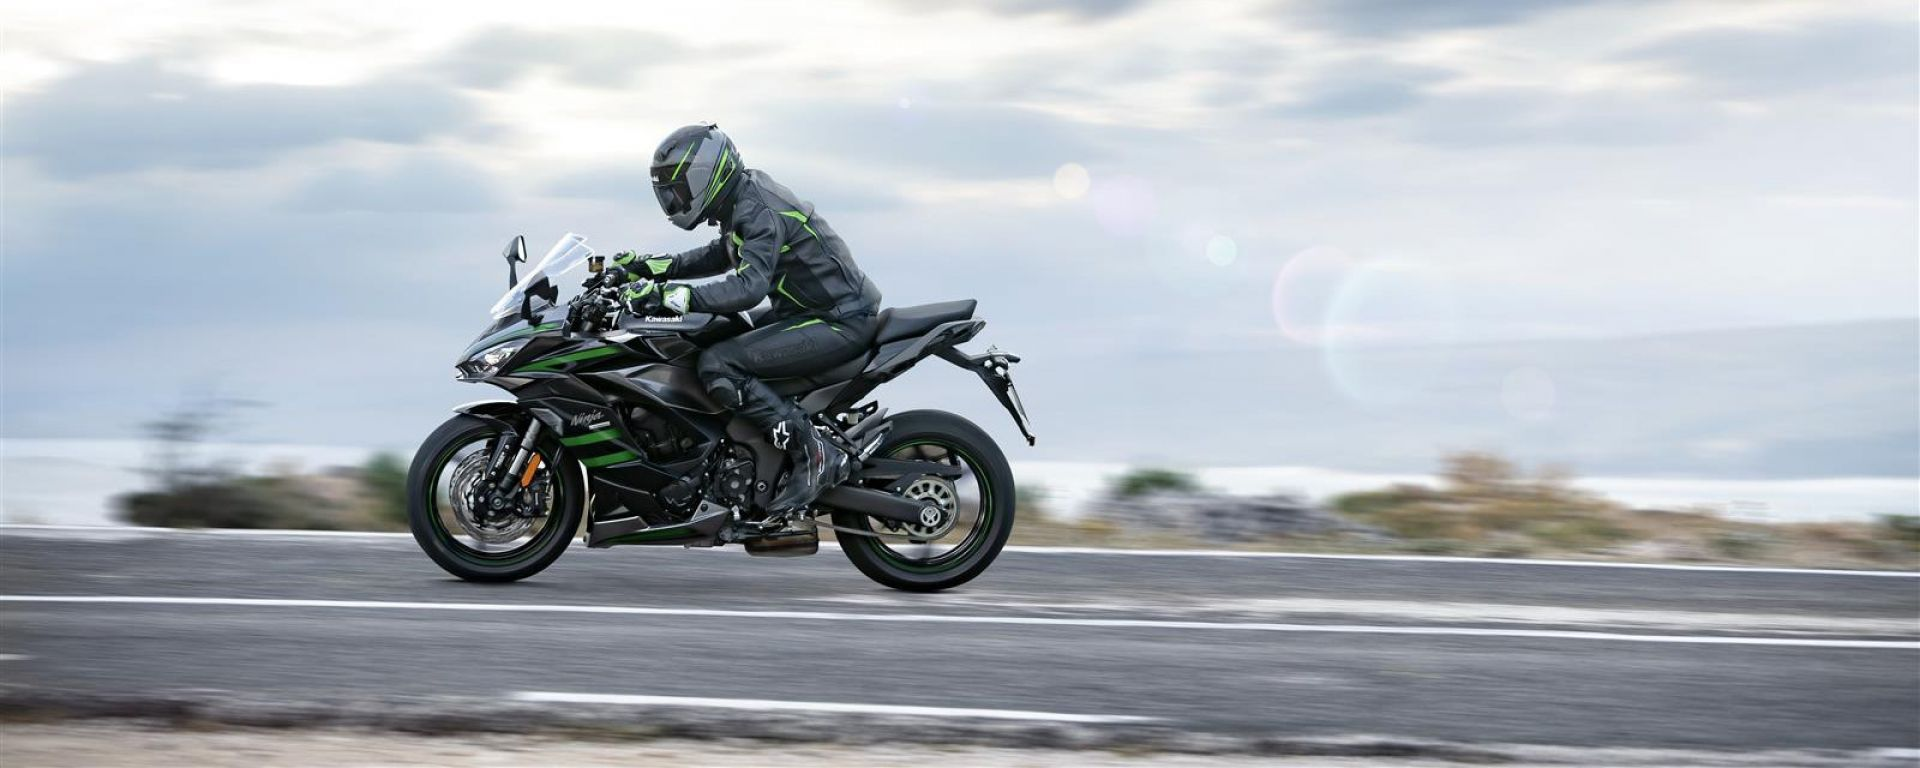 Kawasaki Ninja 1000 SX 2020: su strada più agile del previsto